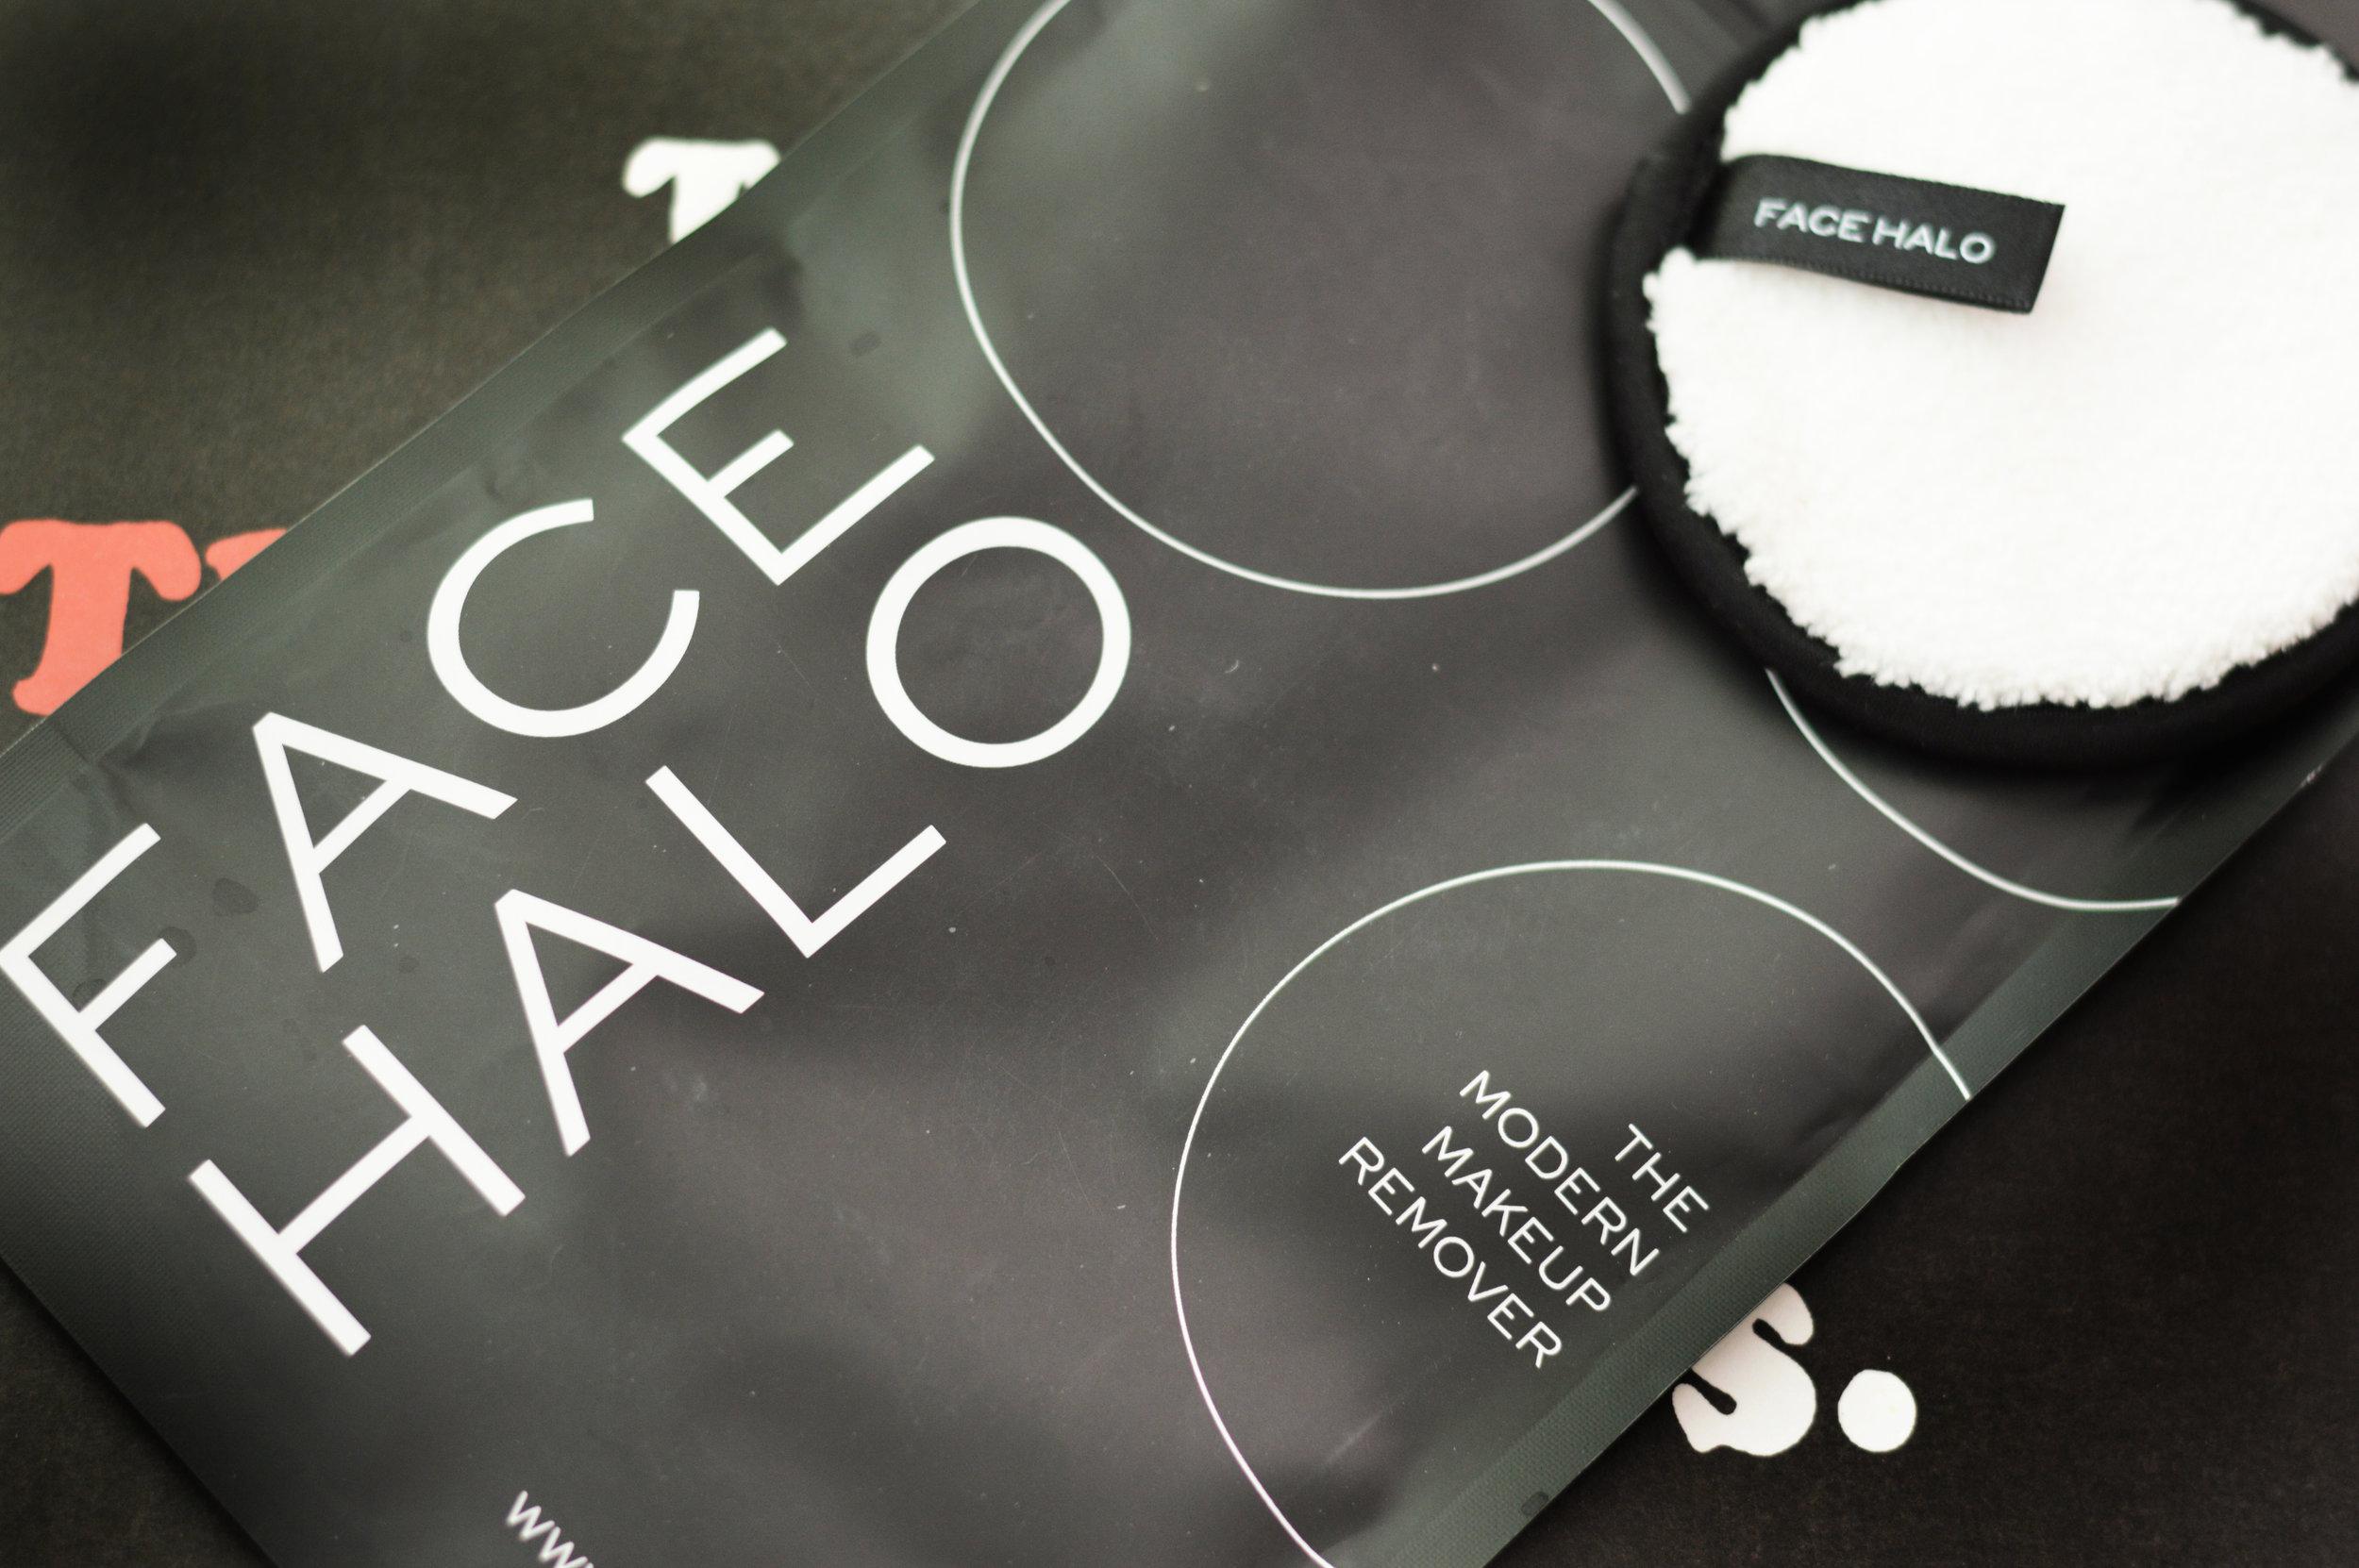 chloe morello face halo modern makeup remover